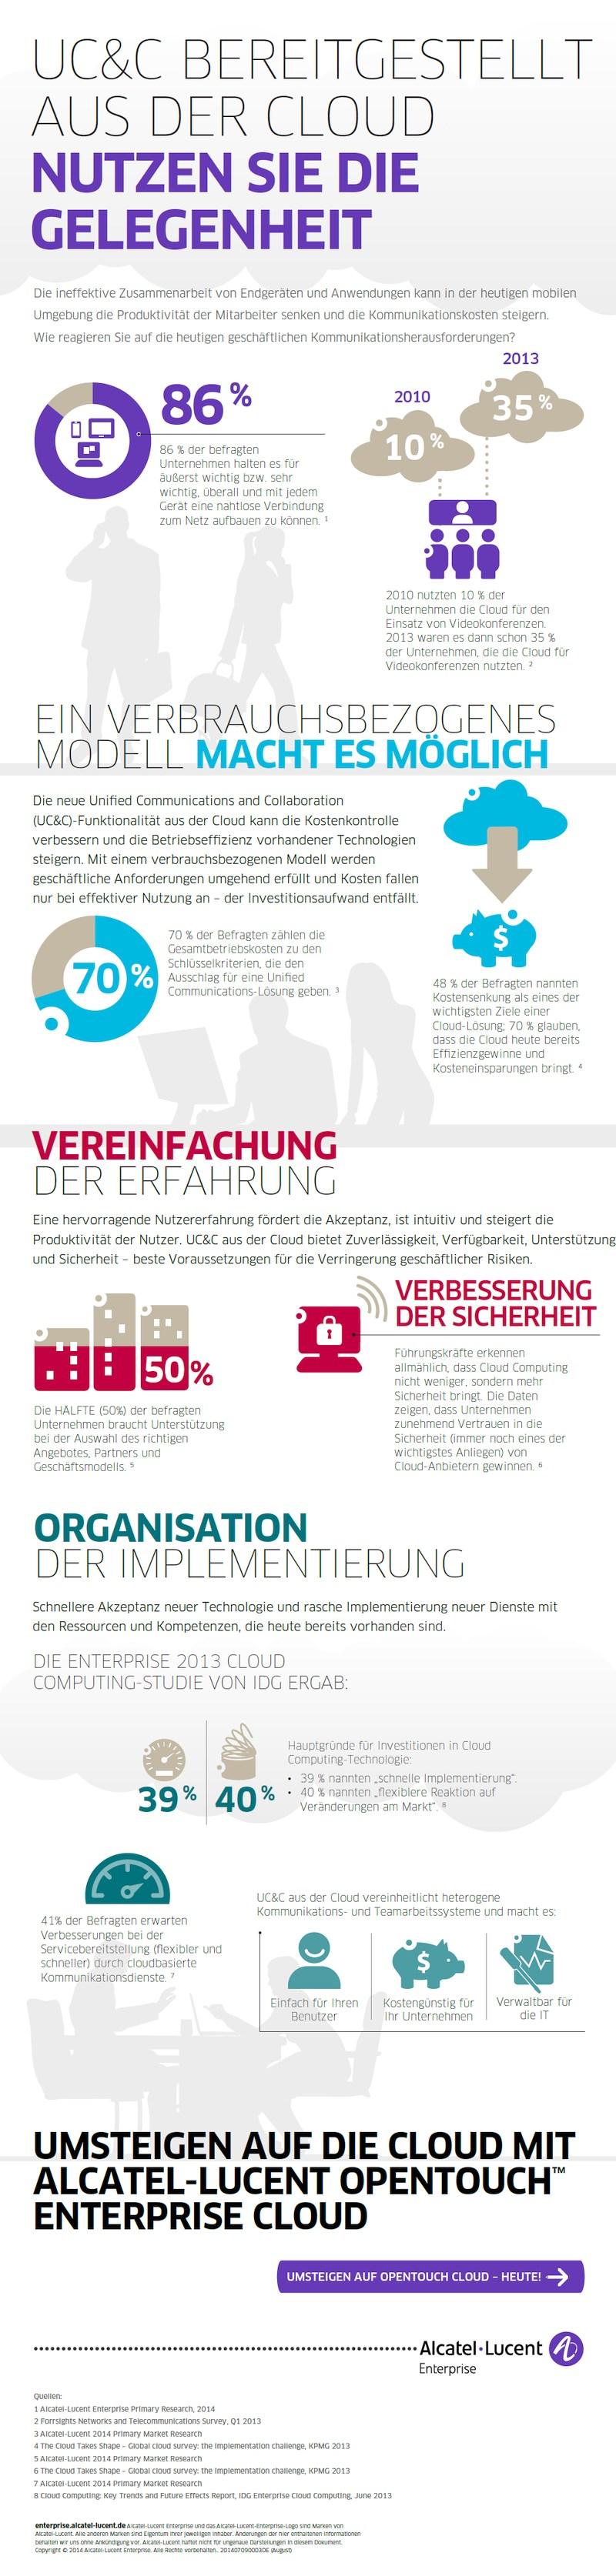 infografik alcatel lucent ucc cloud